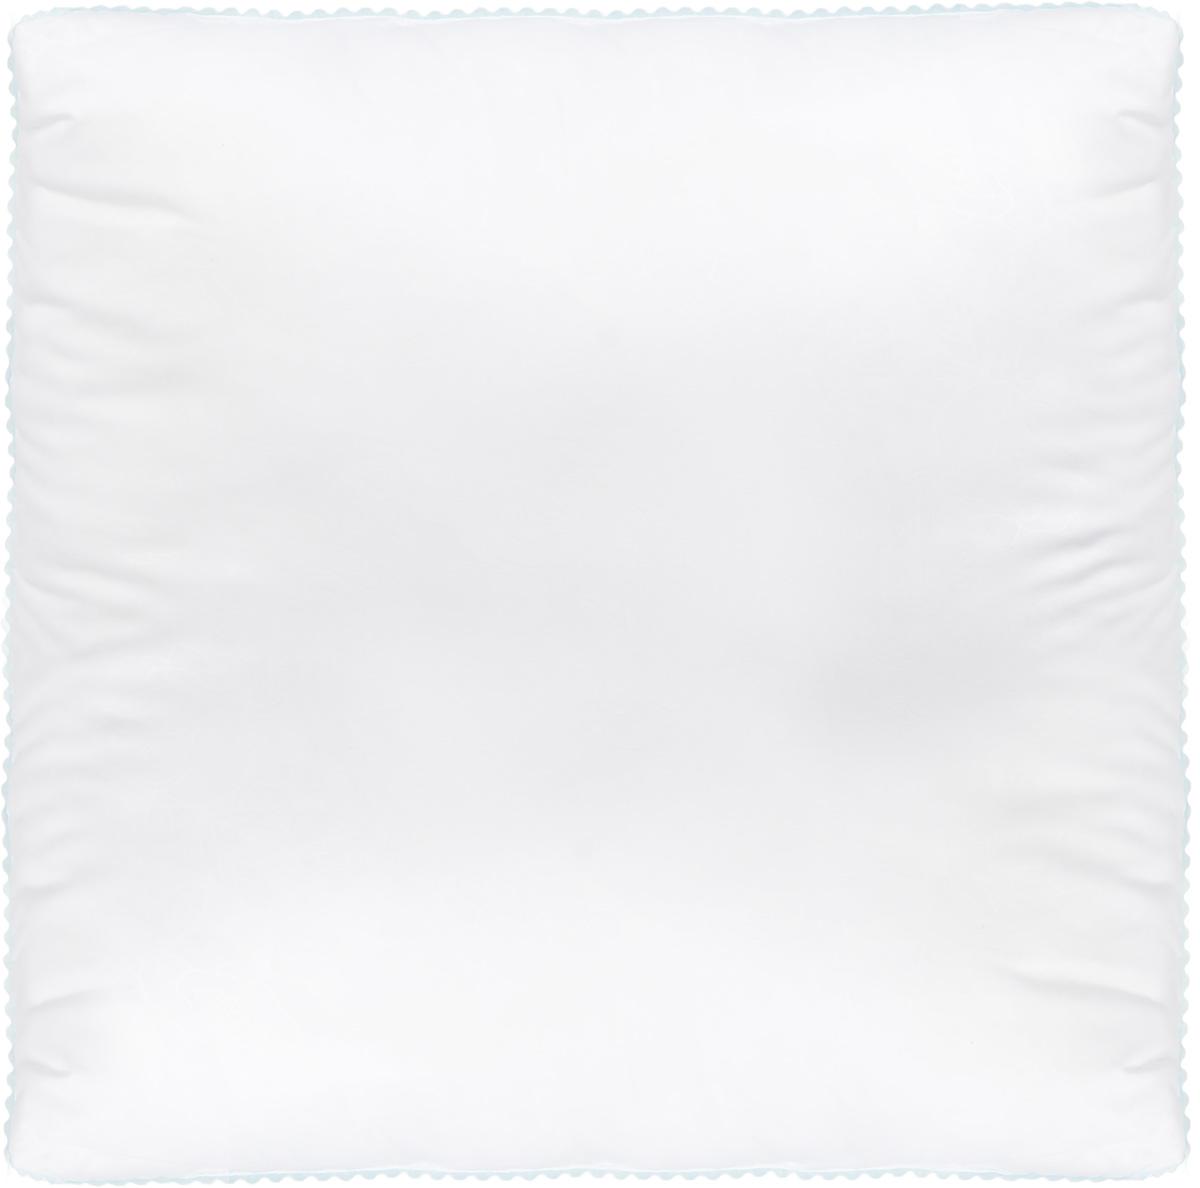 Подушка Легкие сны Перси, наполнитель: лебяжий пух, 68 x 68 смES-412Подушка Легкие сны Перси подарит вам непревзойденную мягкость и нежность, ощутите деликатную поддержку головы и шеи, дарящую легкое чувство невесомости. В качестве наполнителя используется синтетический сверхтонкий и практически невесомый материал, названный лебяжьим пухом. Изделия с наполнителем из искусственного пуха легкие, мягкие и не вызывают аллергии, хорошо пропускают воздух, за ними легко ухаживать. Важно заметить, что синтетический пух столь же легок и приятен на ощупь, что и его натуральный прототип. Чехол подушки выполнен из микрофибры (100% полиэстер) с узорным тиснением. Рекомендации по уходу:Деликатная стирка при температуре воды до 30°С.Отбеливание, барабанная сушка и глажка запрещены.Степень поддержки: мягкая.Разрешается деликатная химчистка.